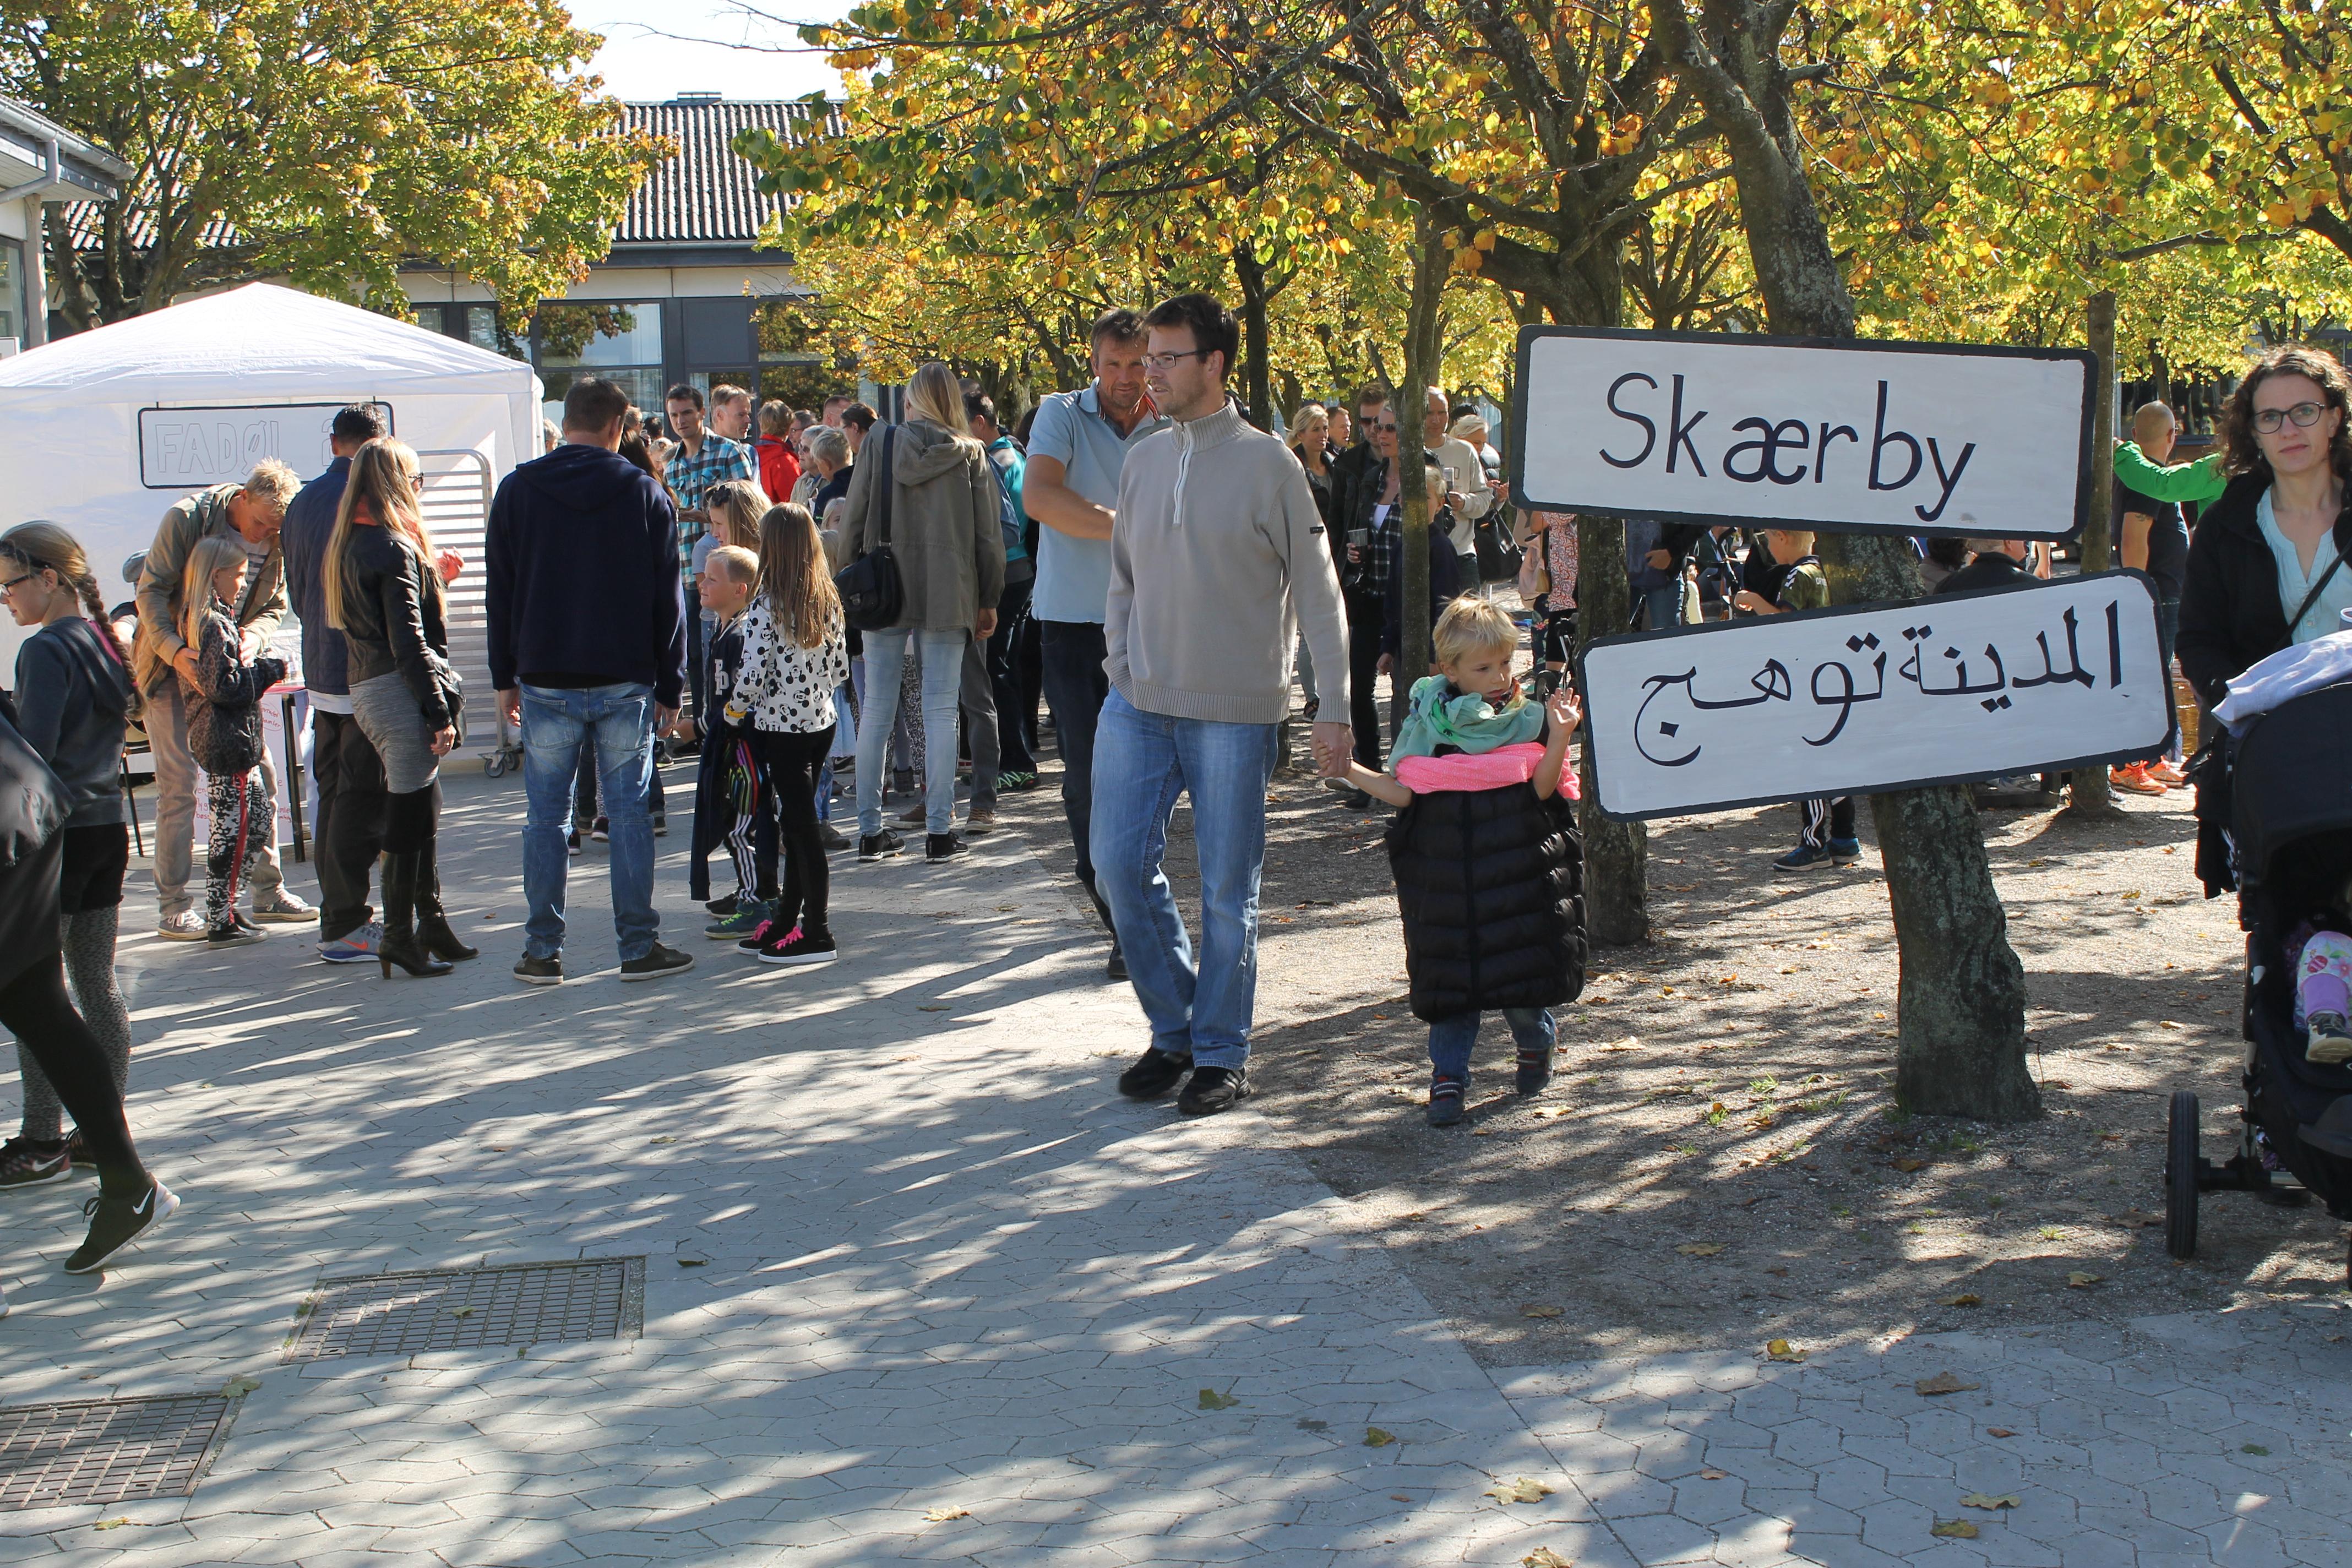 Skæring Skole var lørdag omdannet til en stor markedsplads i den fiktive by Skærby. Foto: Skæring Skole.